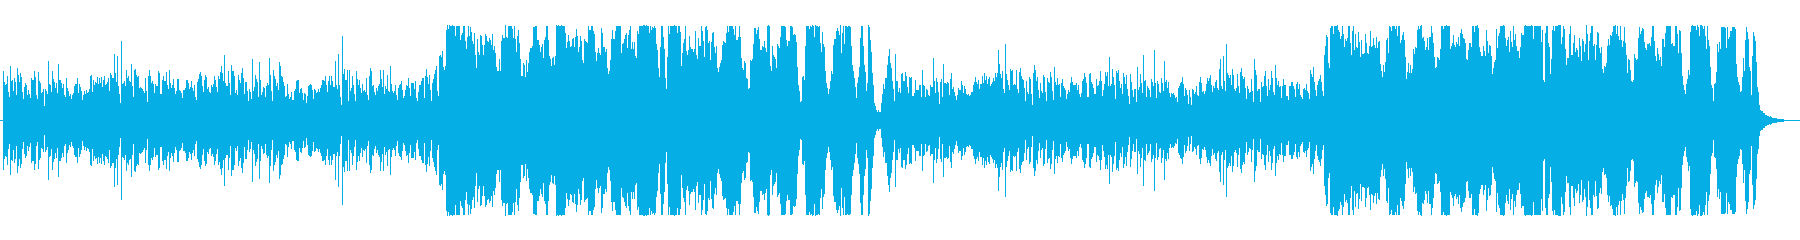 ゲーム音楽風(ダンジョンなど)の再生済みの波形